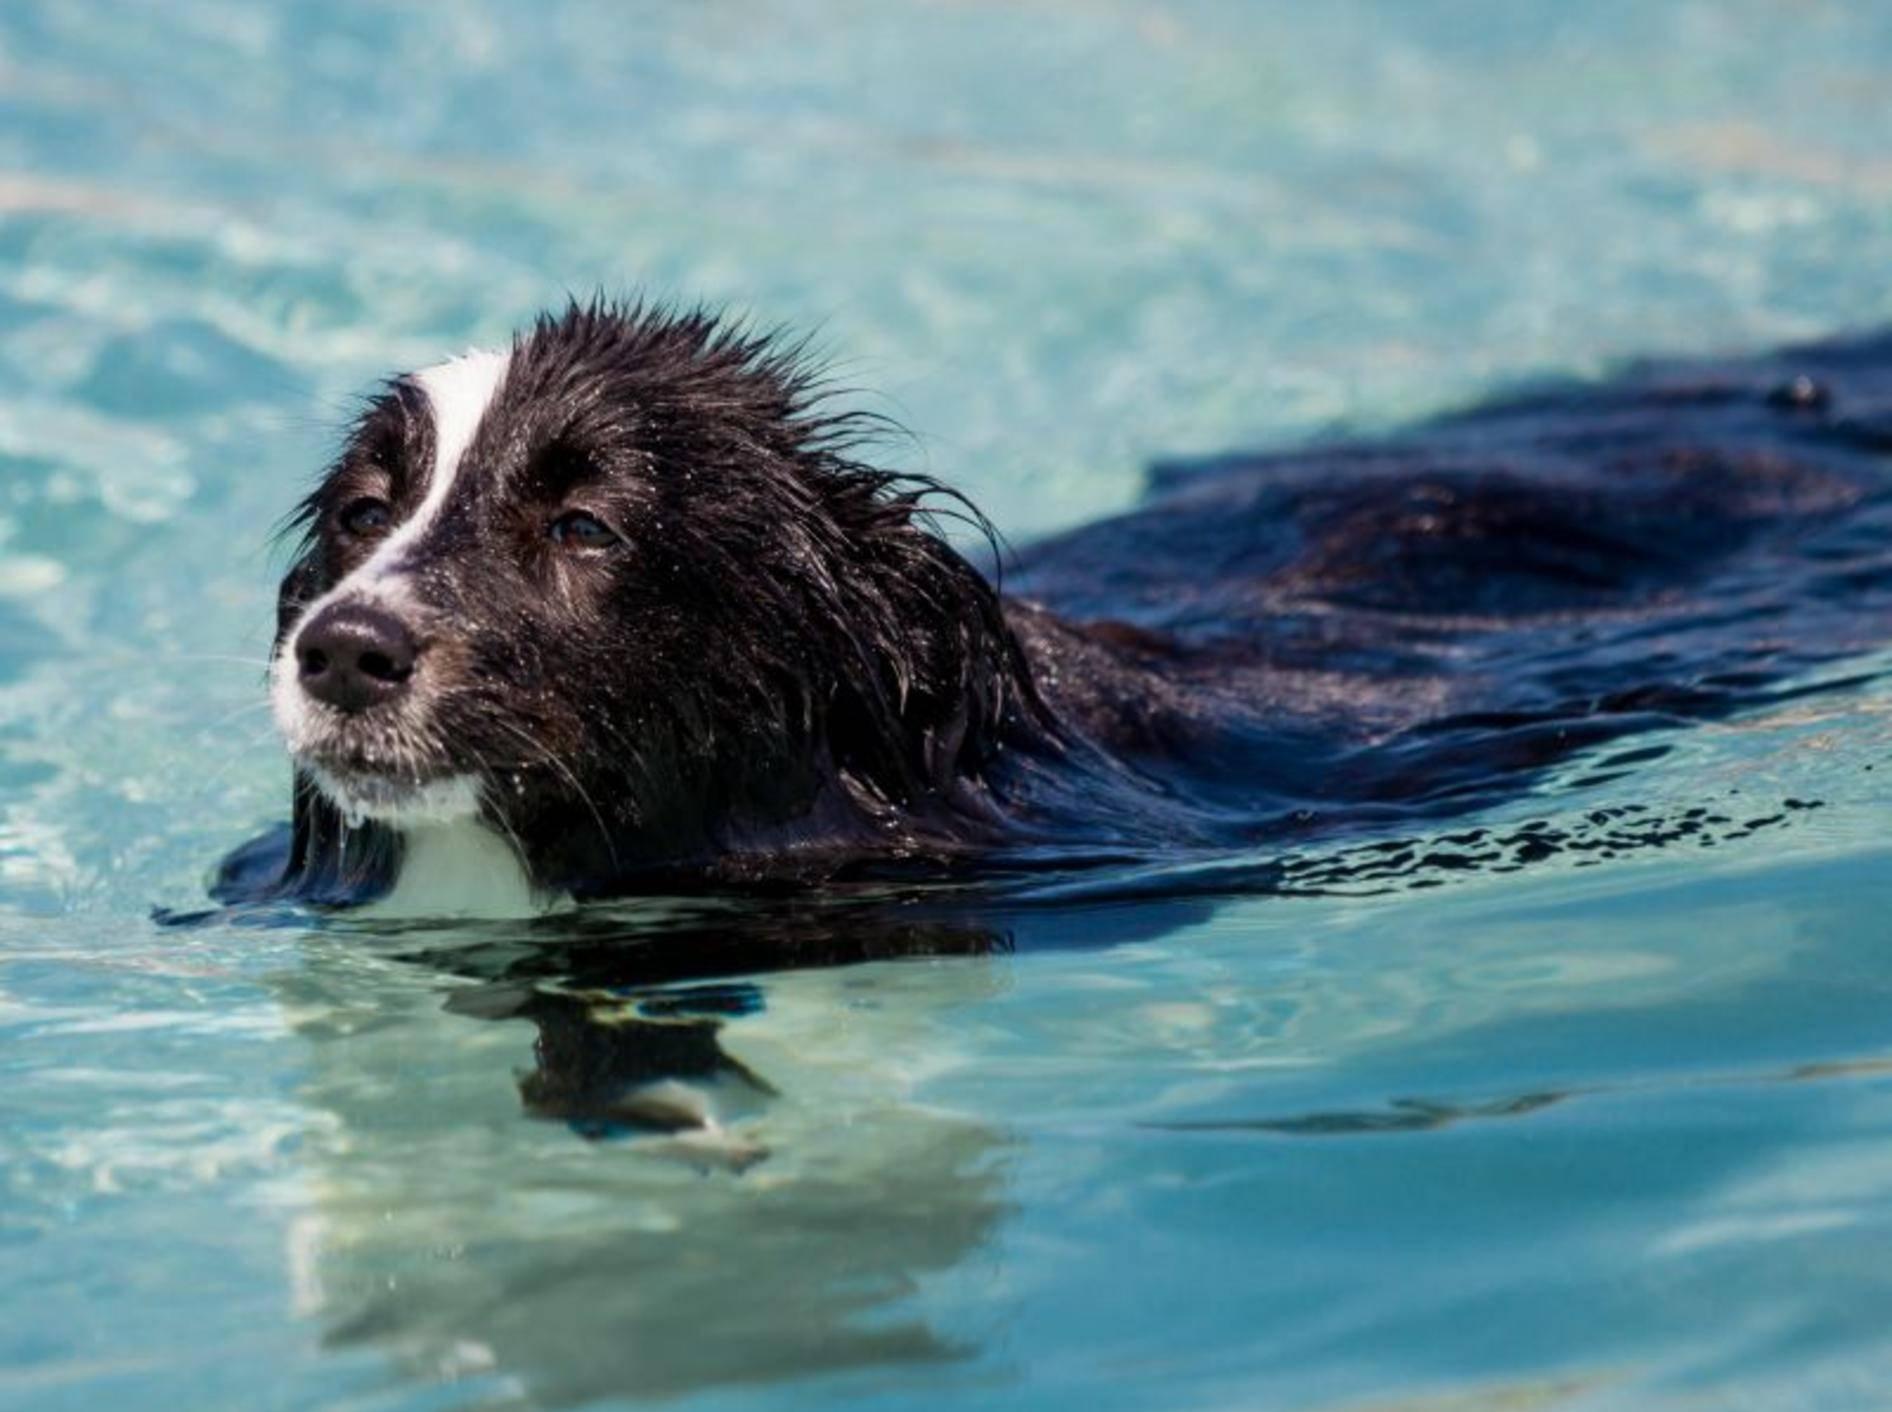 Badespaß im Urlaub mit Hund — Bild: Shutterstock / FeSeven